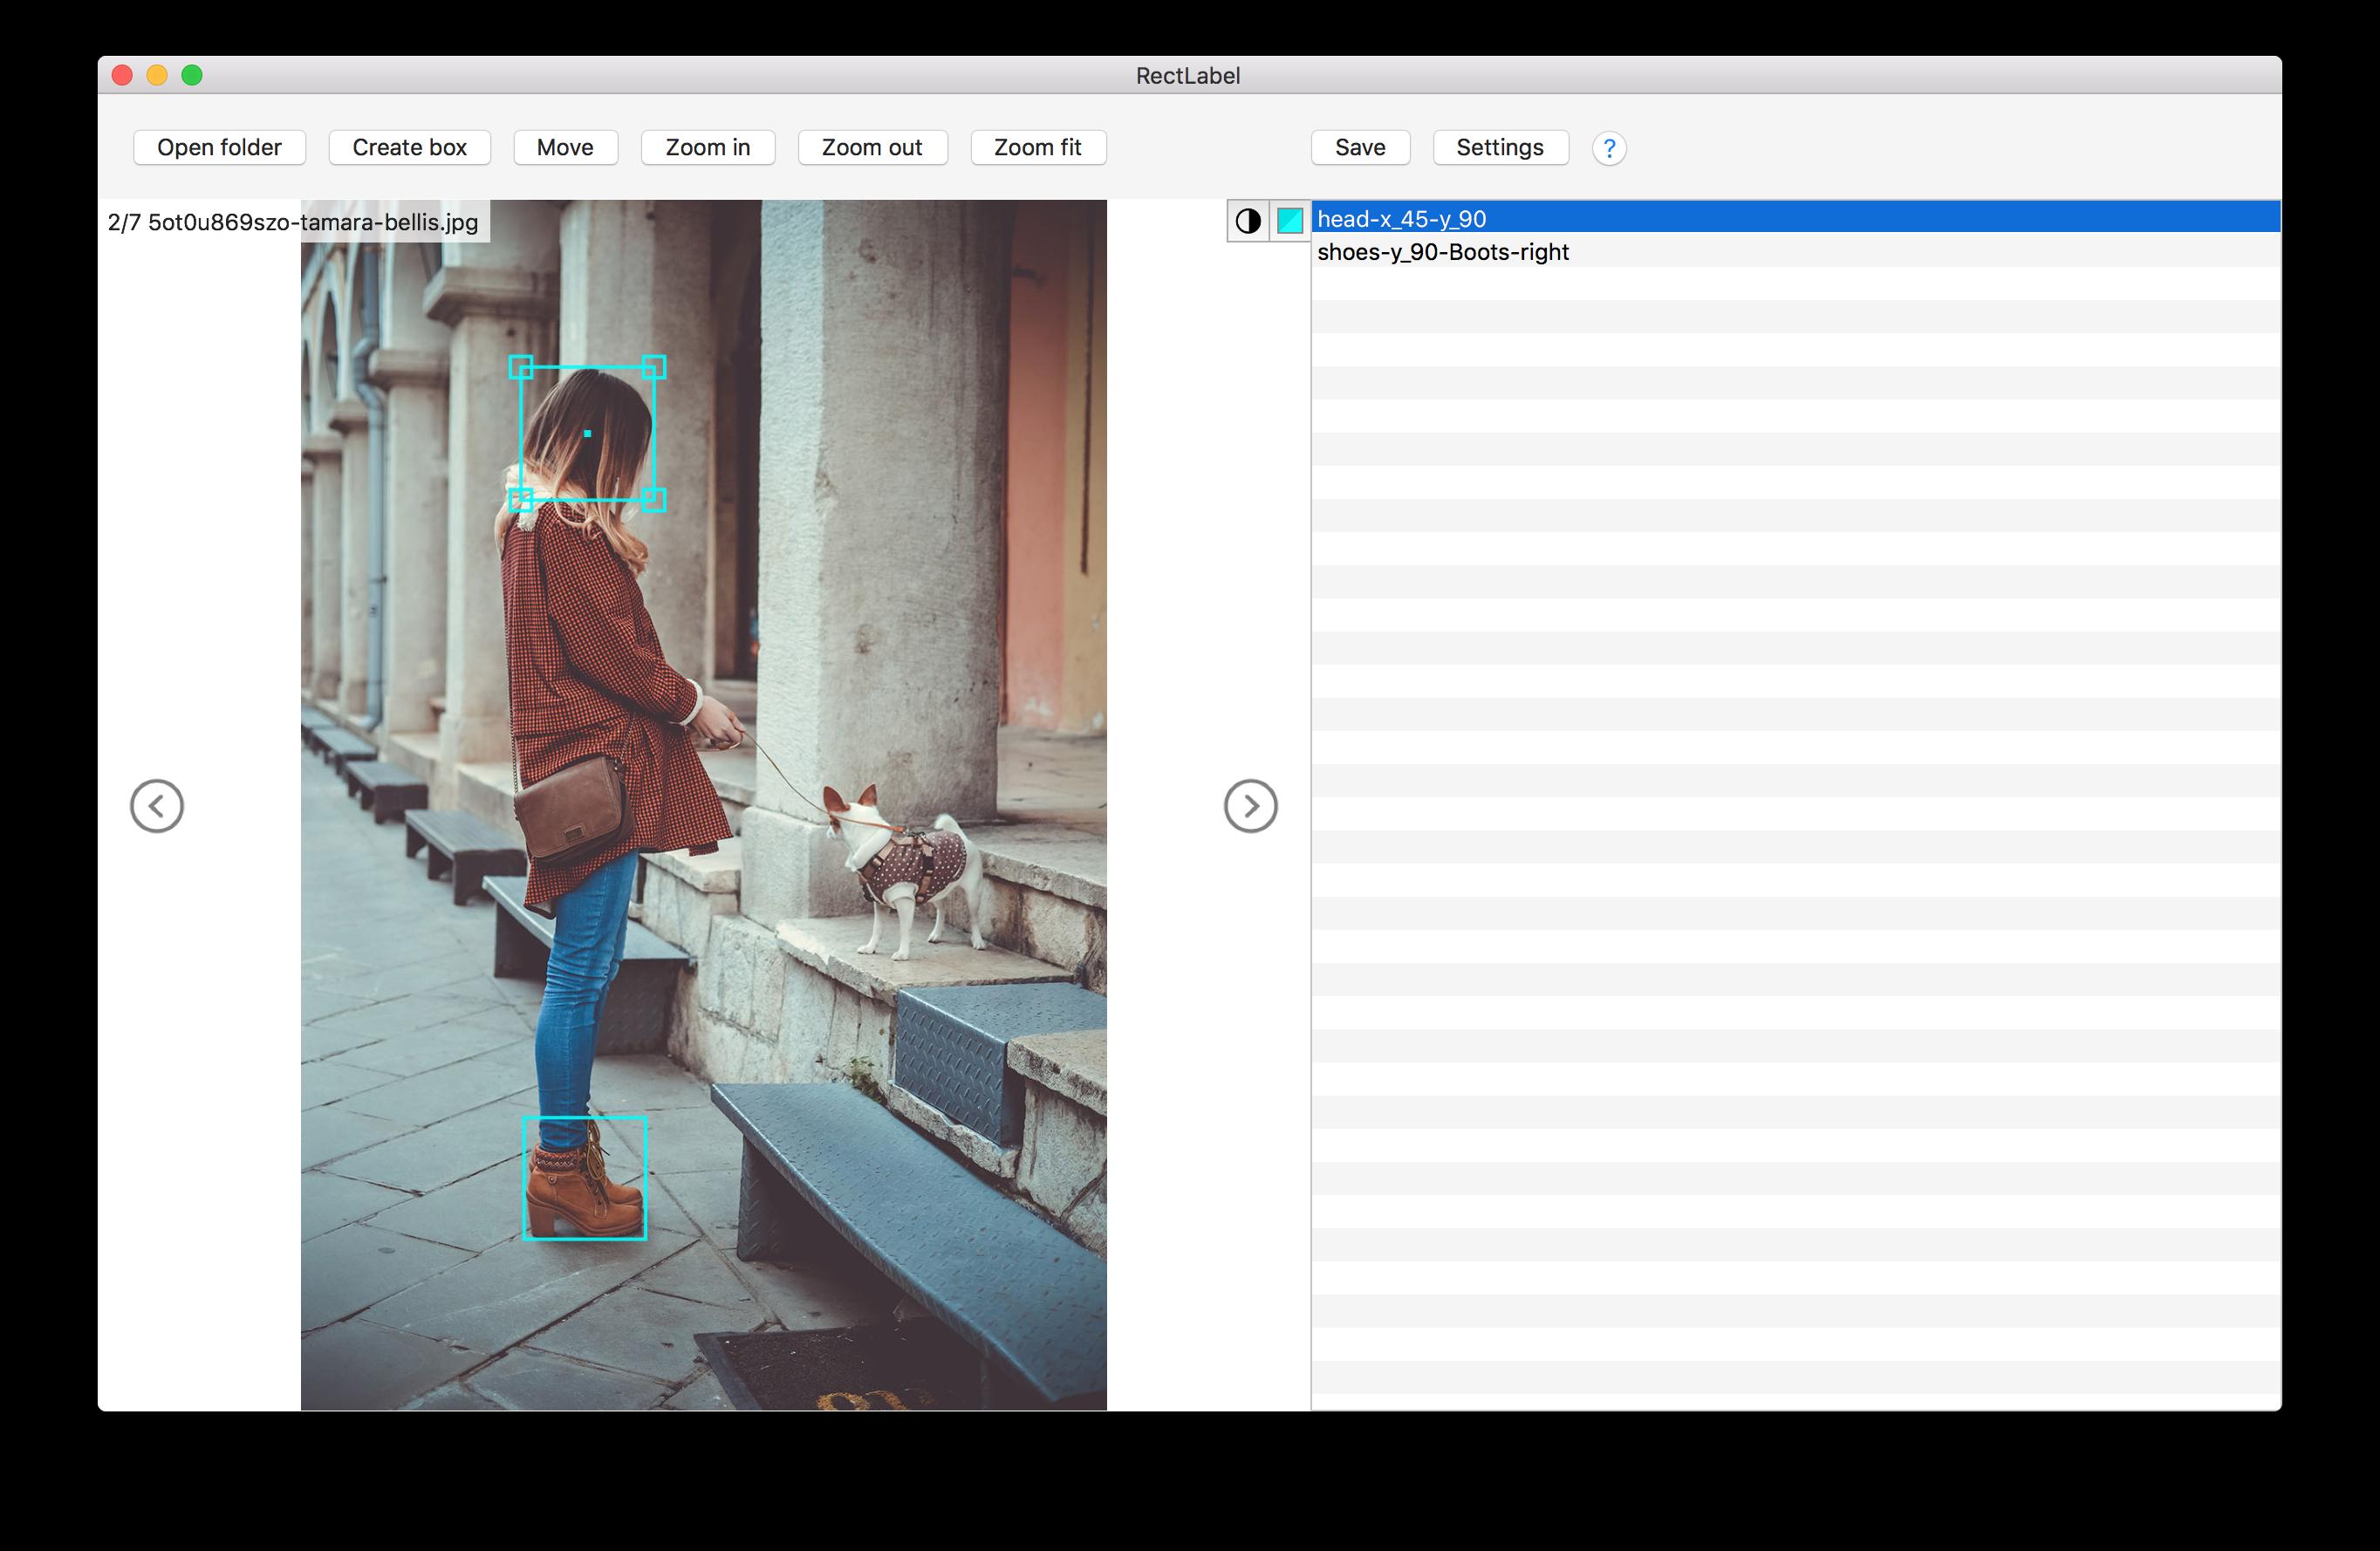 Window resizing · Issue #3 · ryouchinsa/Rectlabel-support · GitHub